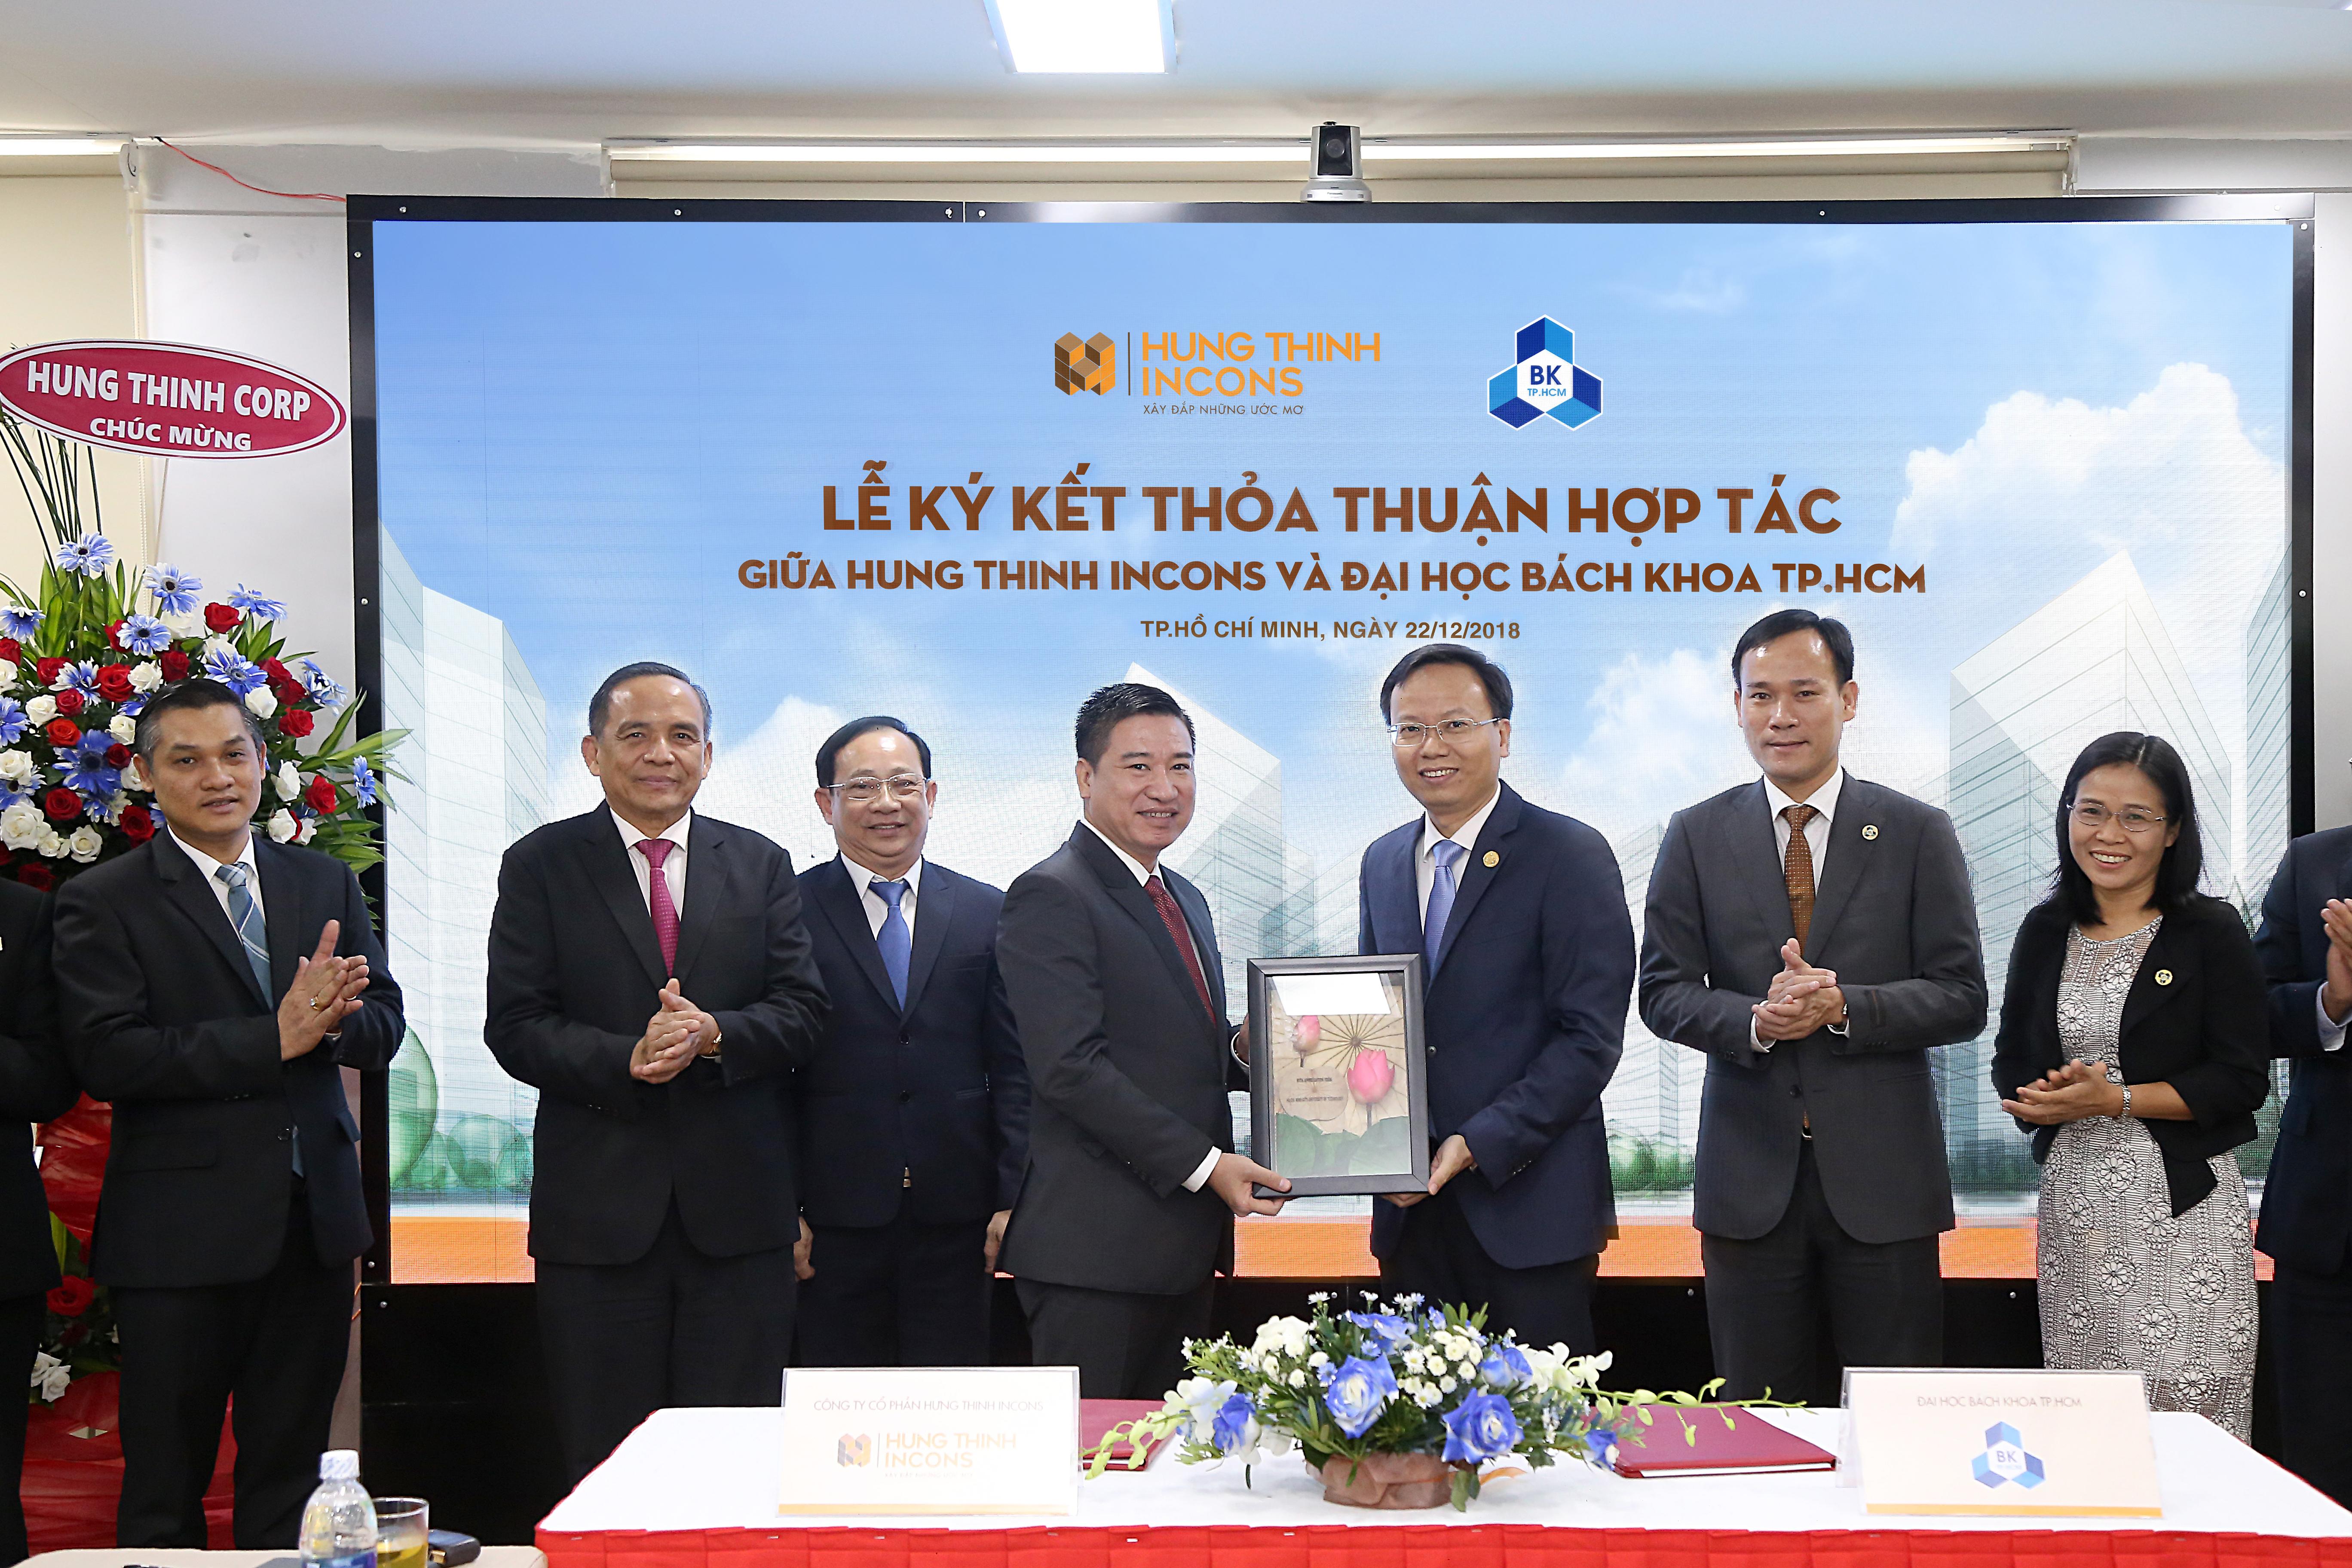 Hưng Thịnh Incons ký kết hợp tác cùng Trường Đại học Bách Khoa TP.HCM 1